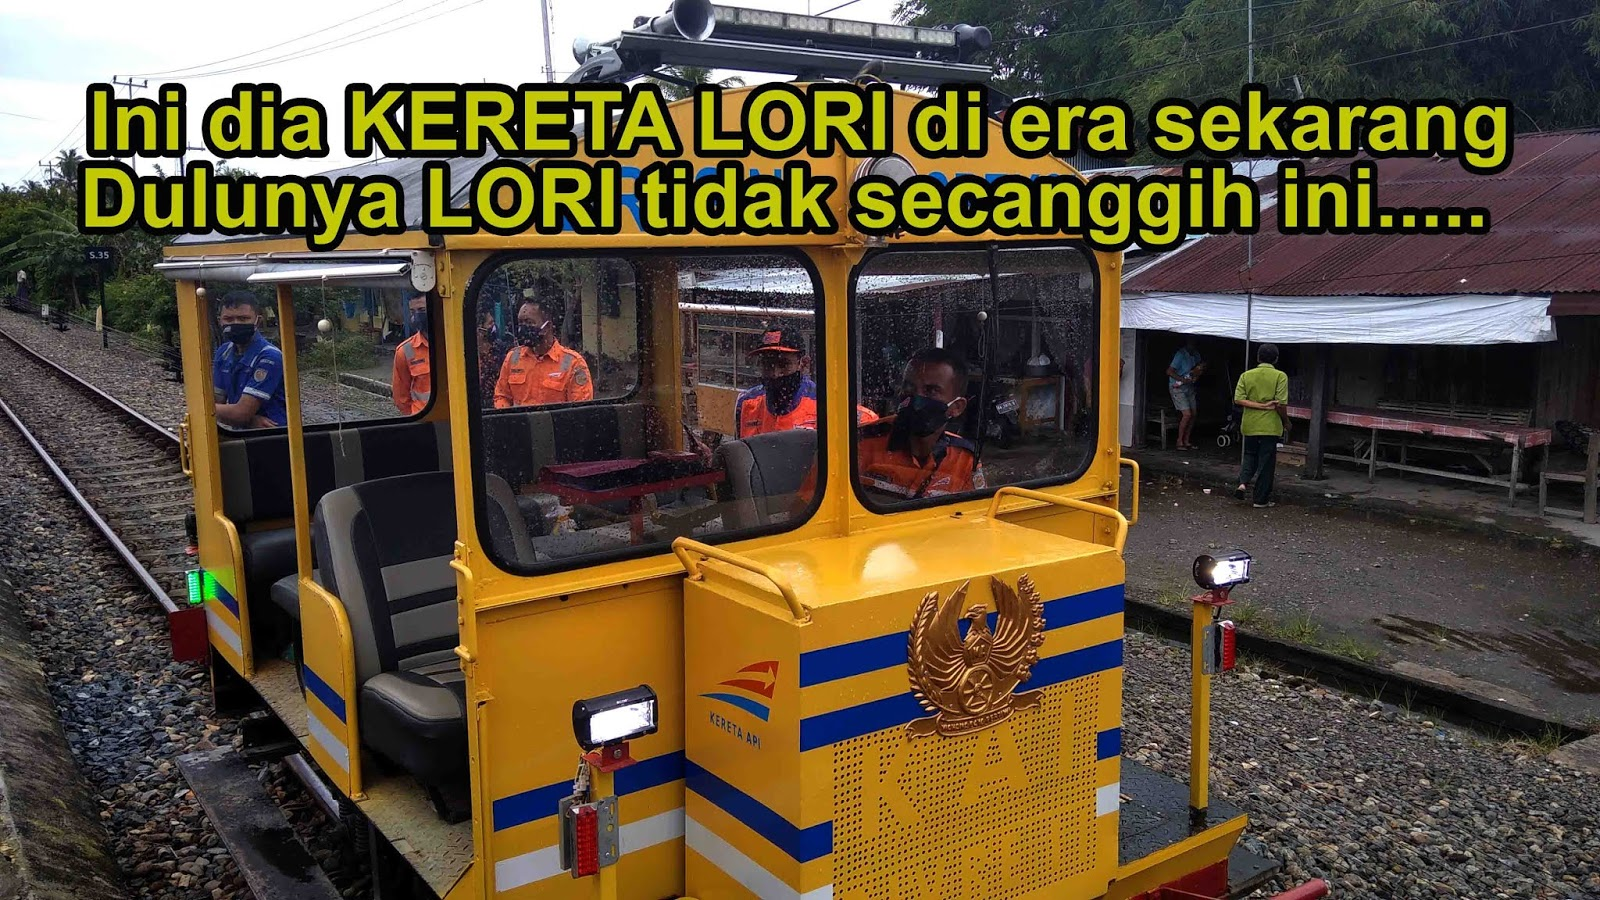 Kereta Lori Inspeksi memiliki kecepatan 20 km/jam